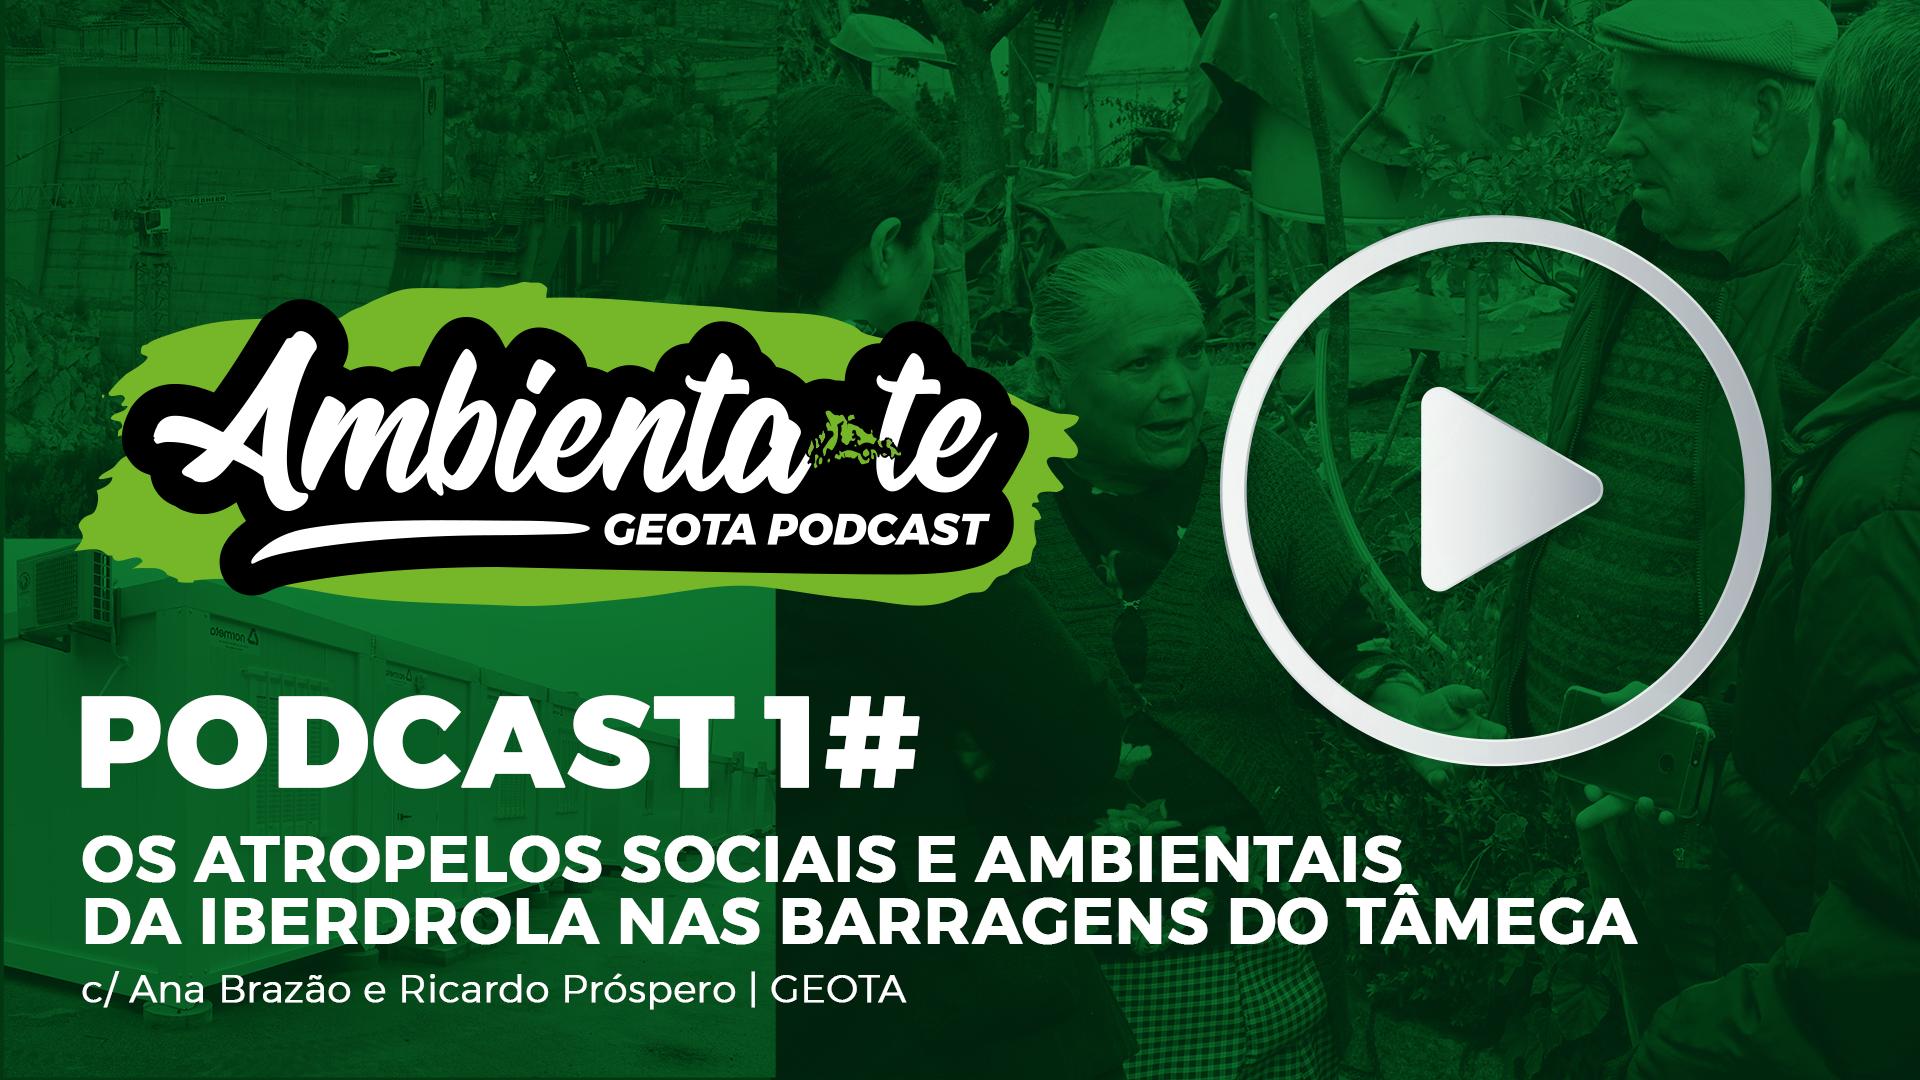 GEOTA - Os atropelos sociais e ambientais da Iberdrola nas barragens do Tâmega